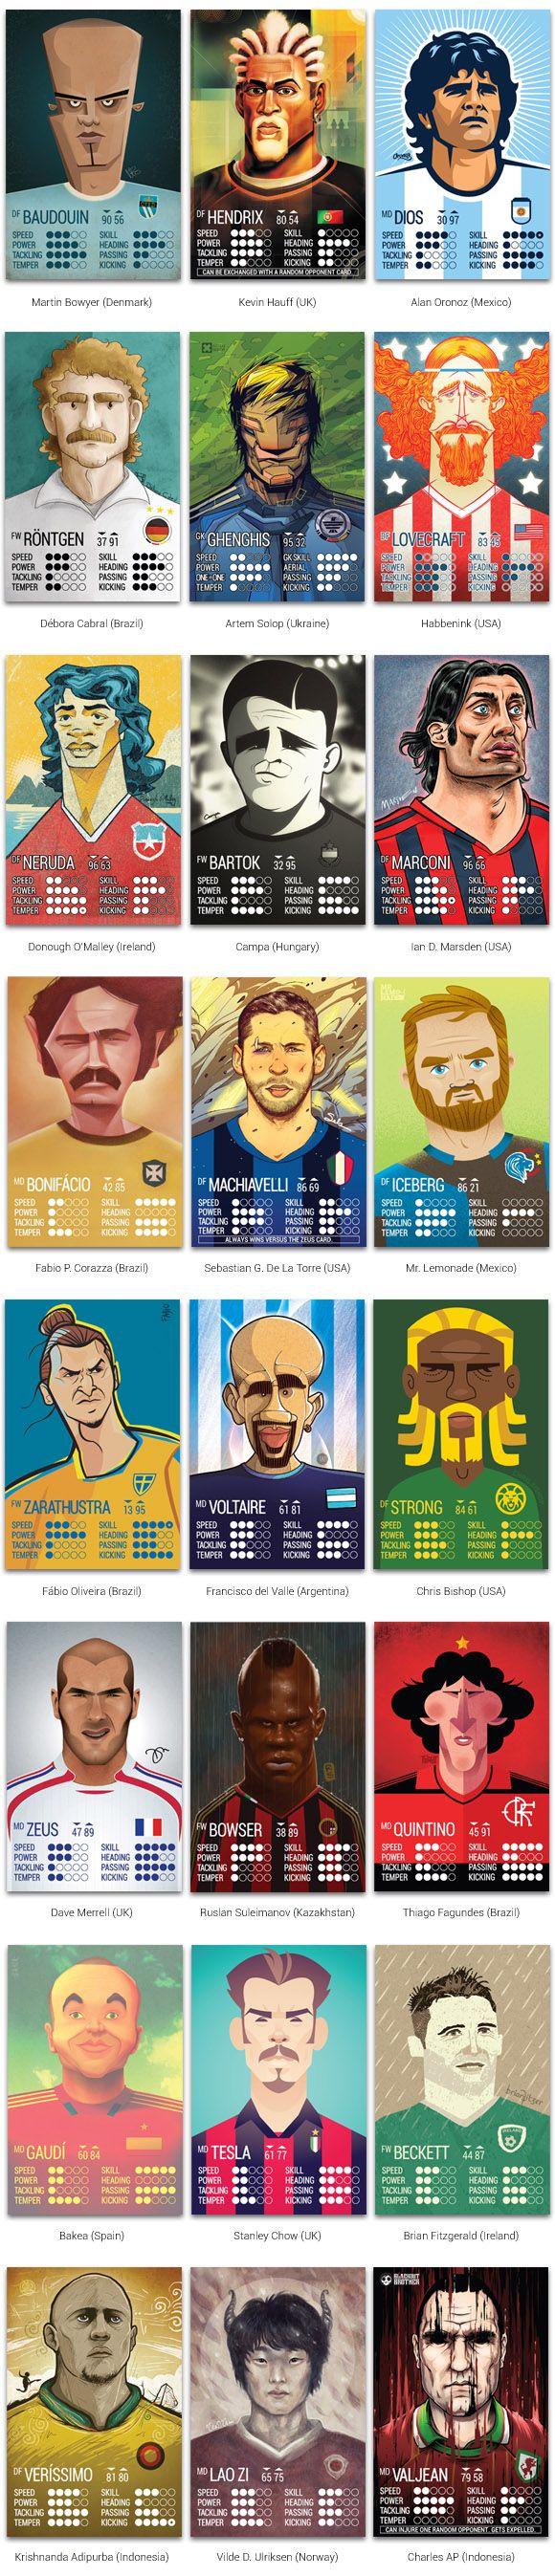 """Kampion Card Game: Jogo de cartas estilo """"Super Trunfo"""" com ilustrações de artistas do mundo todo, homenageando grandes nomes do futebol."""